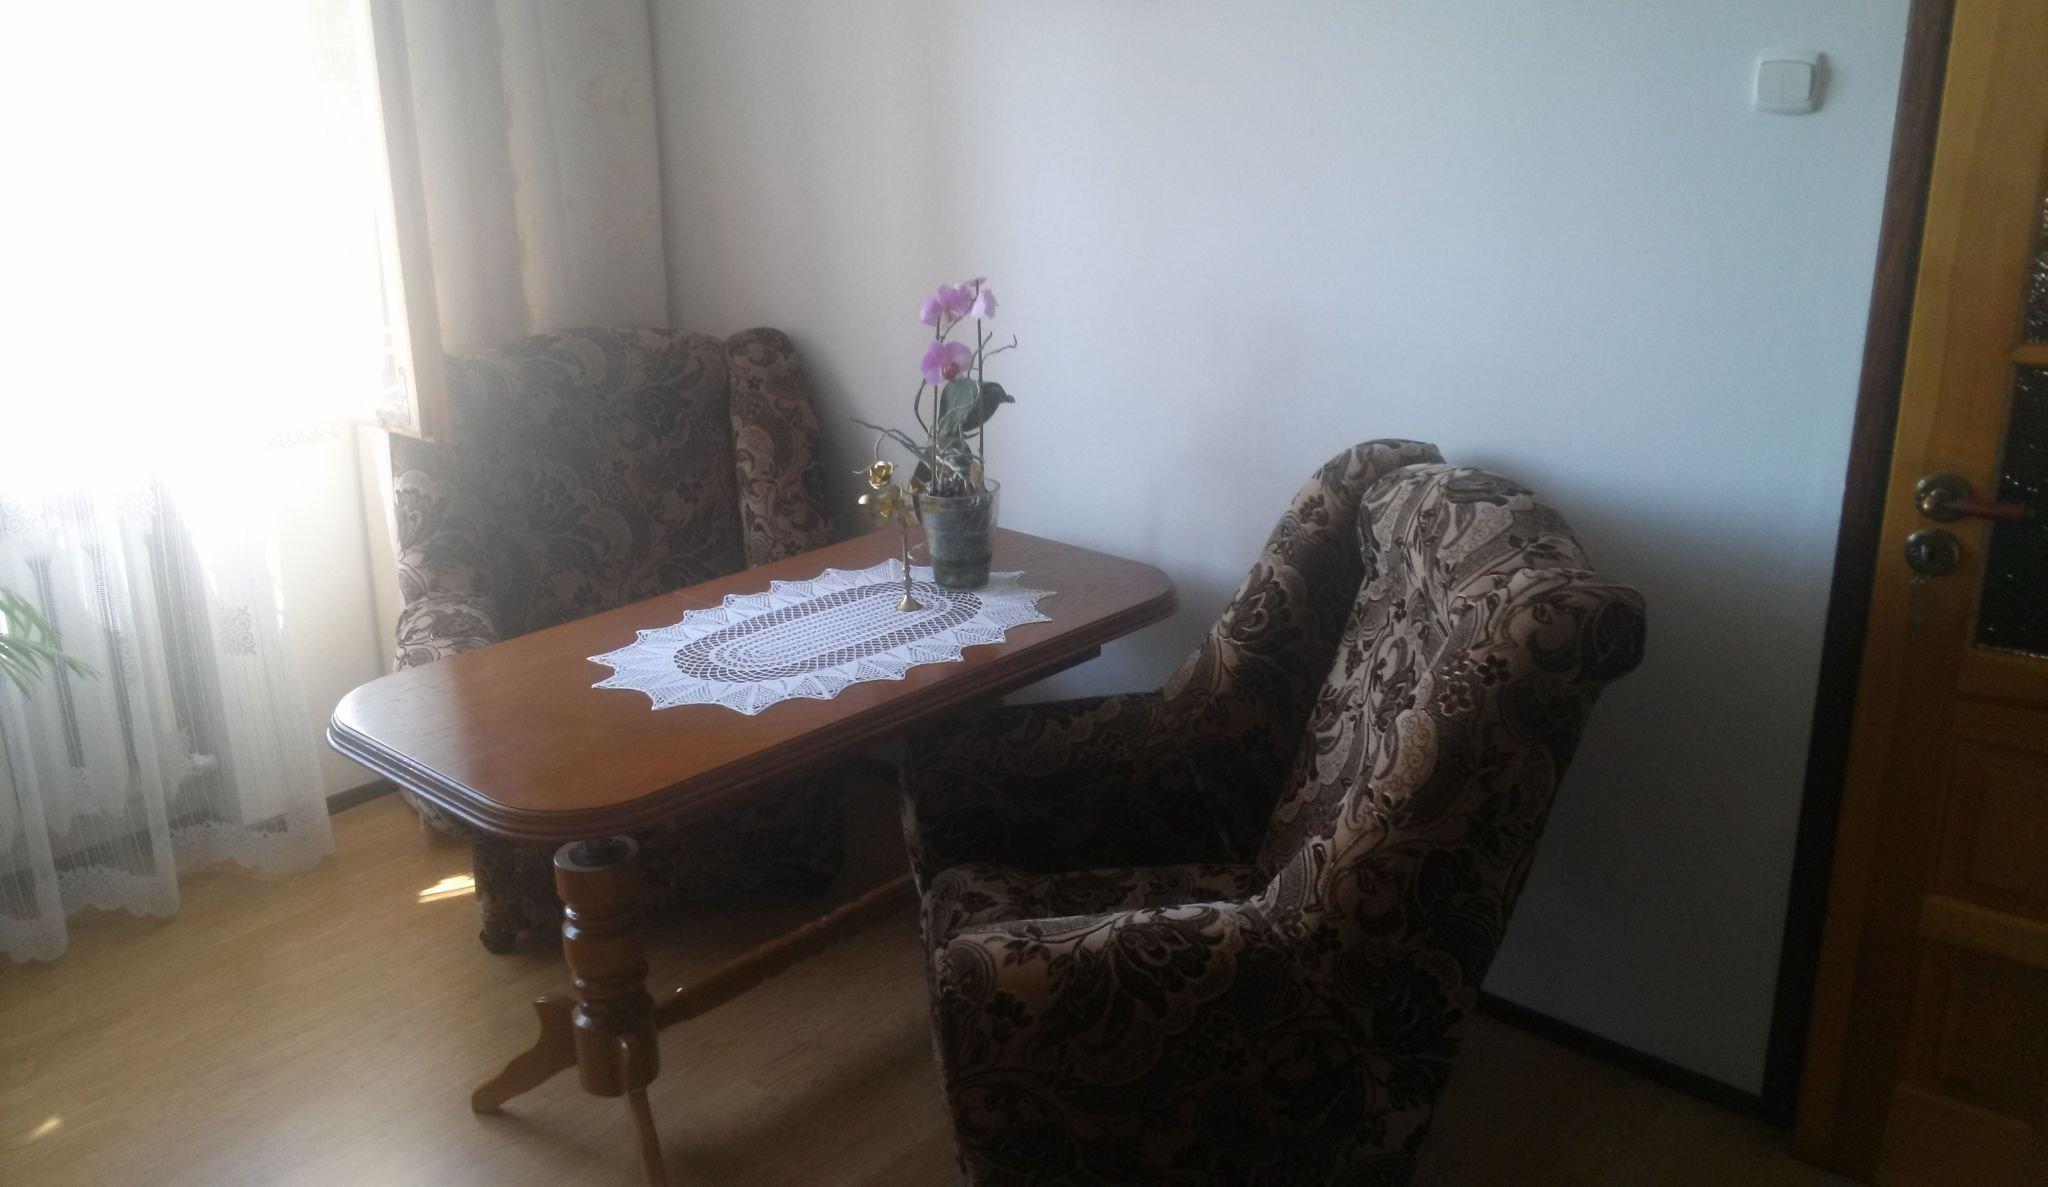 Pokoje u Agnieszki 2